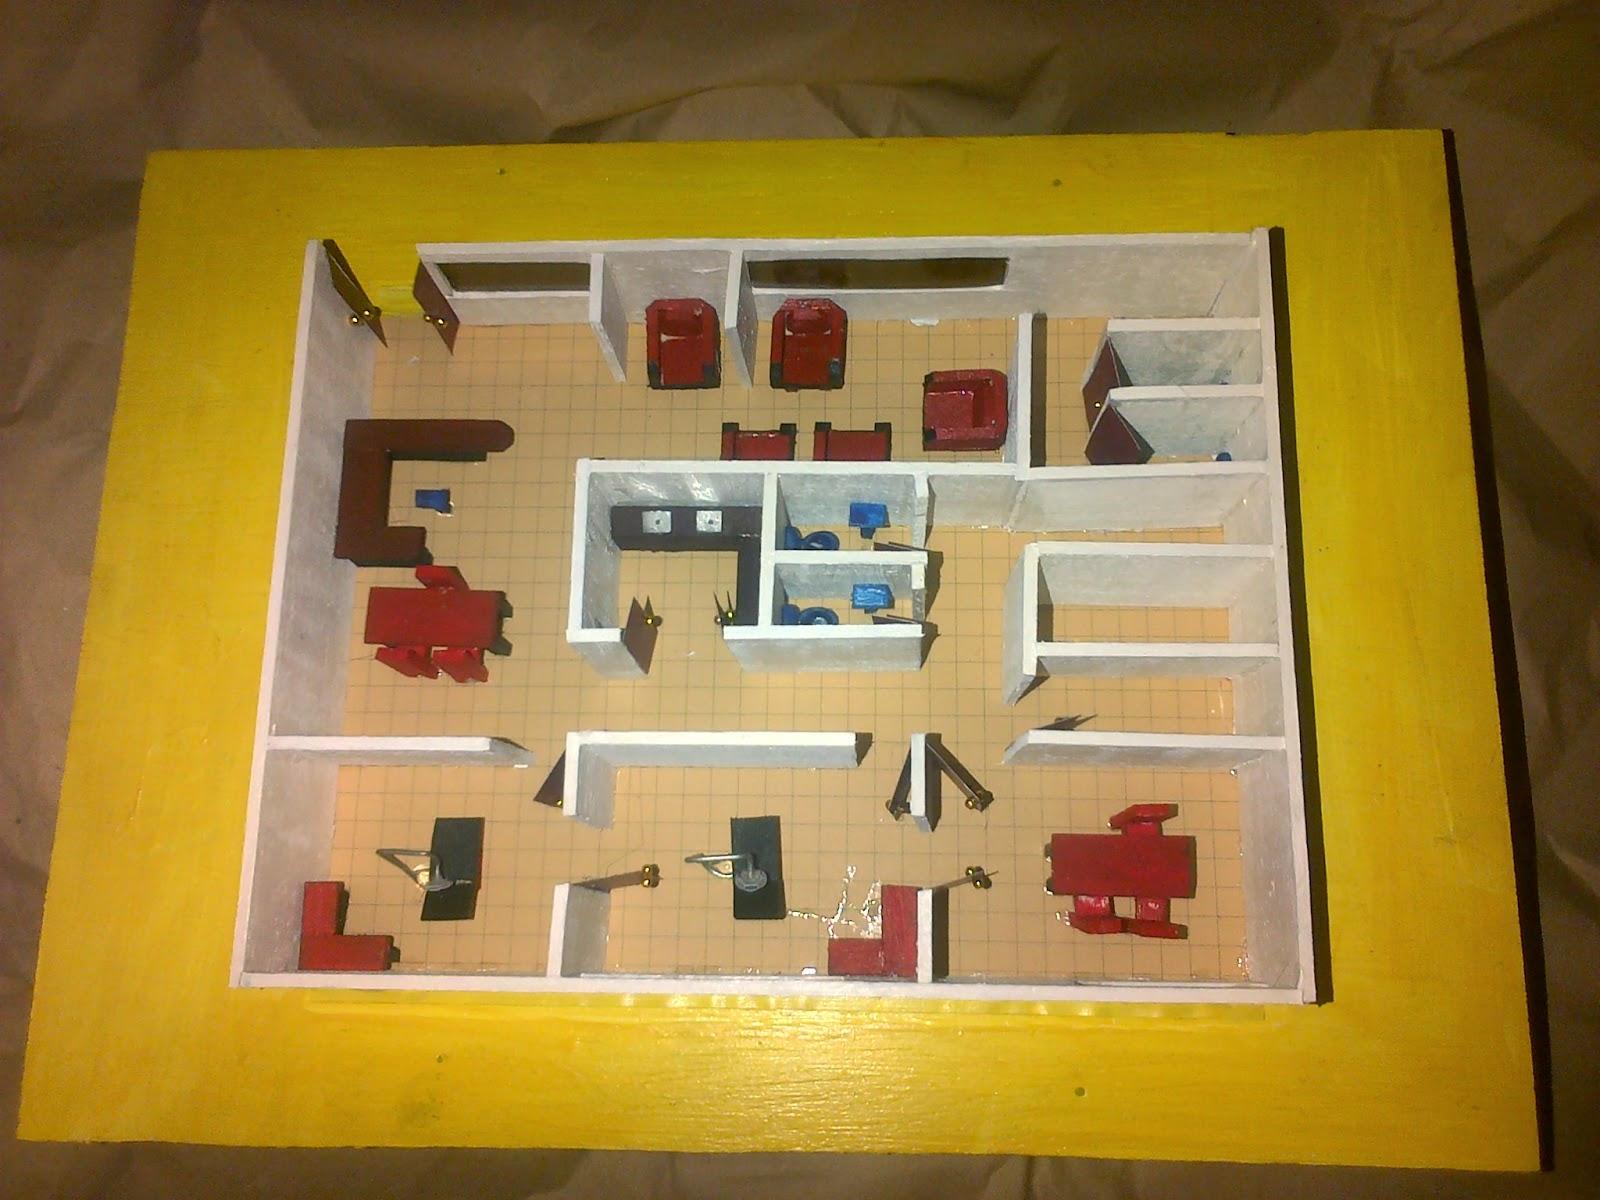 Maquetas escolares cel 977524113 whatsapp como hacer - Como hacer una maqueta de una casa ...